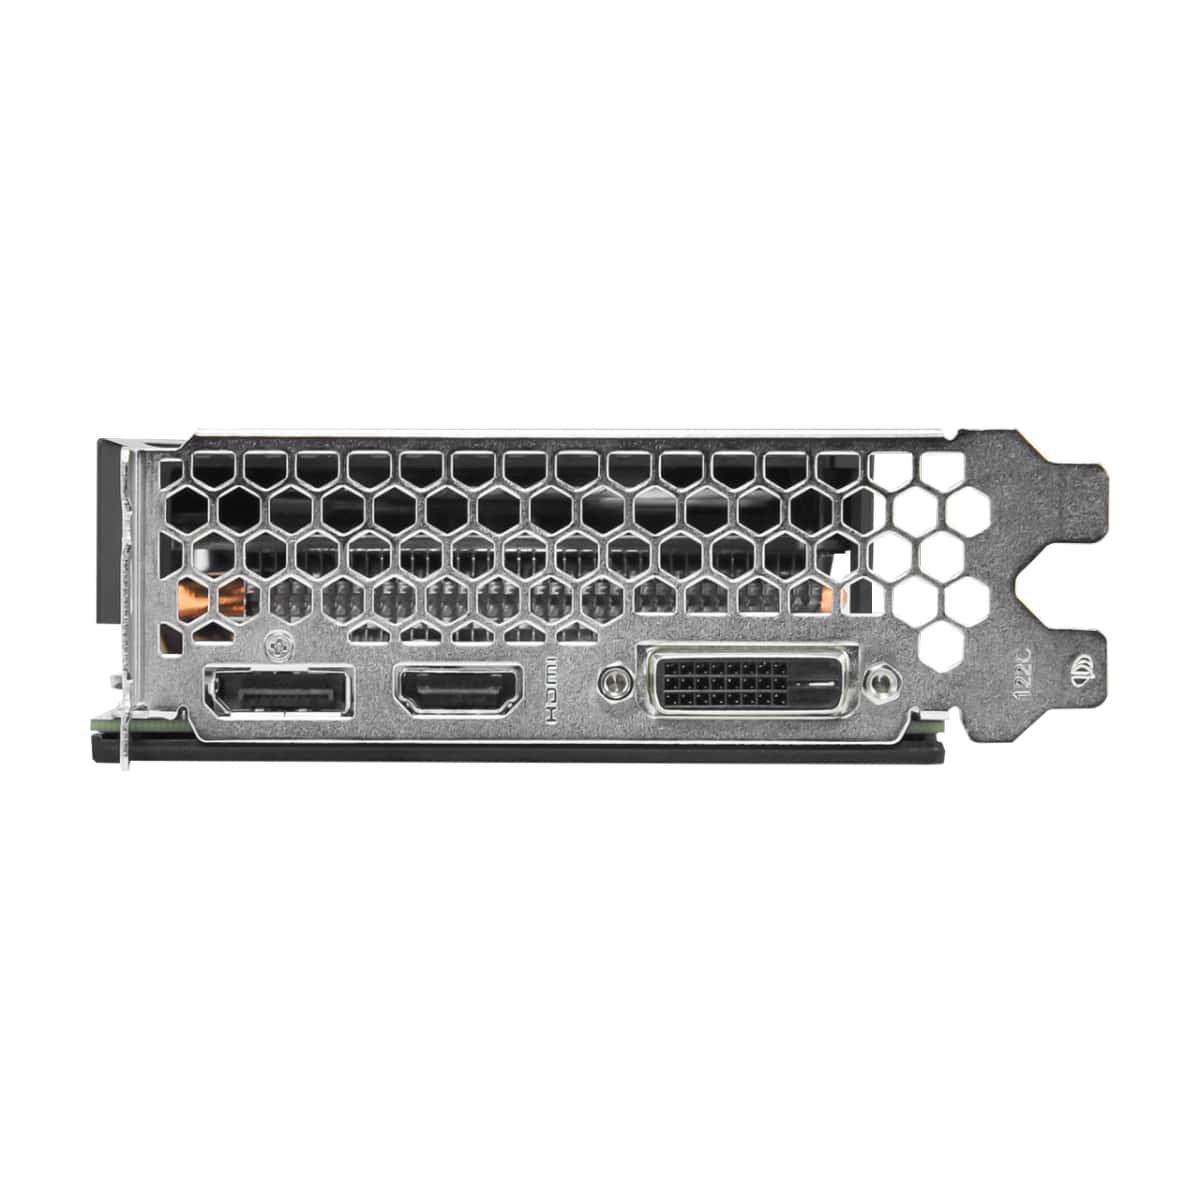 Placa de Vídeo Palit NVIDIA GeForce GTX 1660 Super GP OC, 6GB, GDDR6, 192bit, NE6166SS18J9-1160A-1